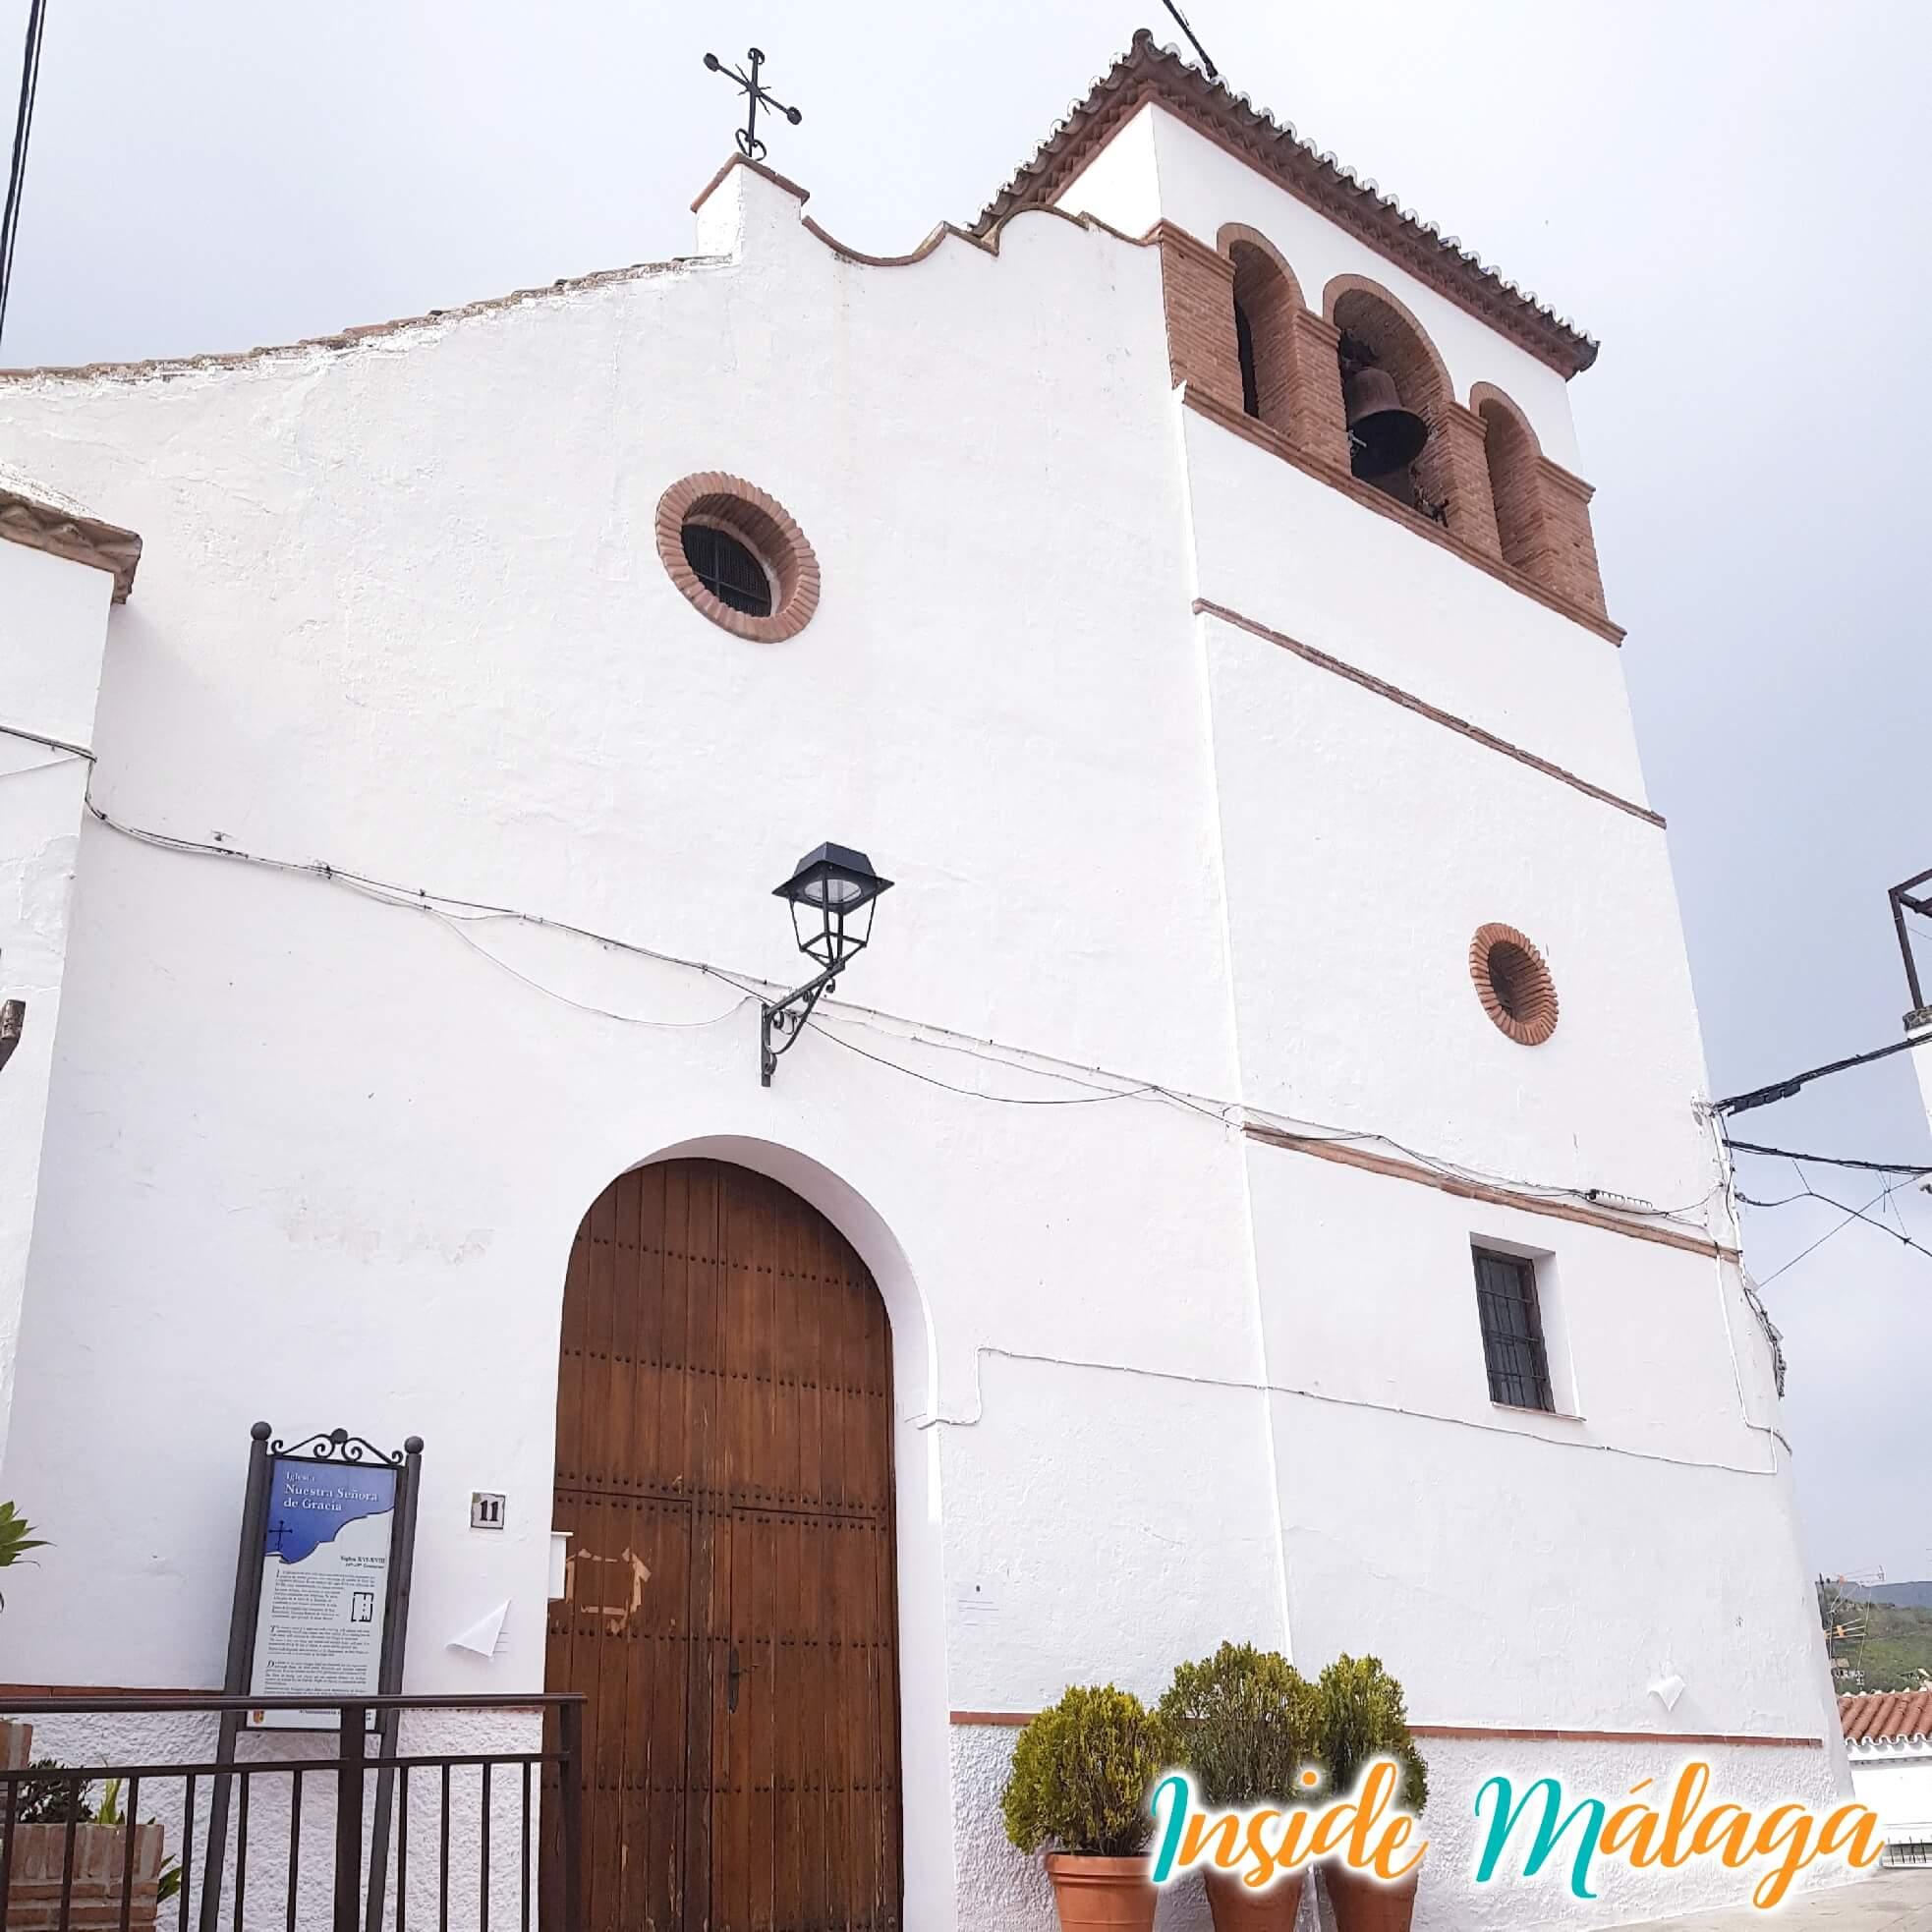 Iglesia de Nuestra Señora de Gracia Moclinejo Malaga